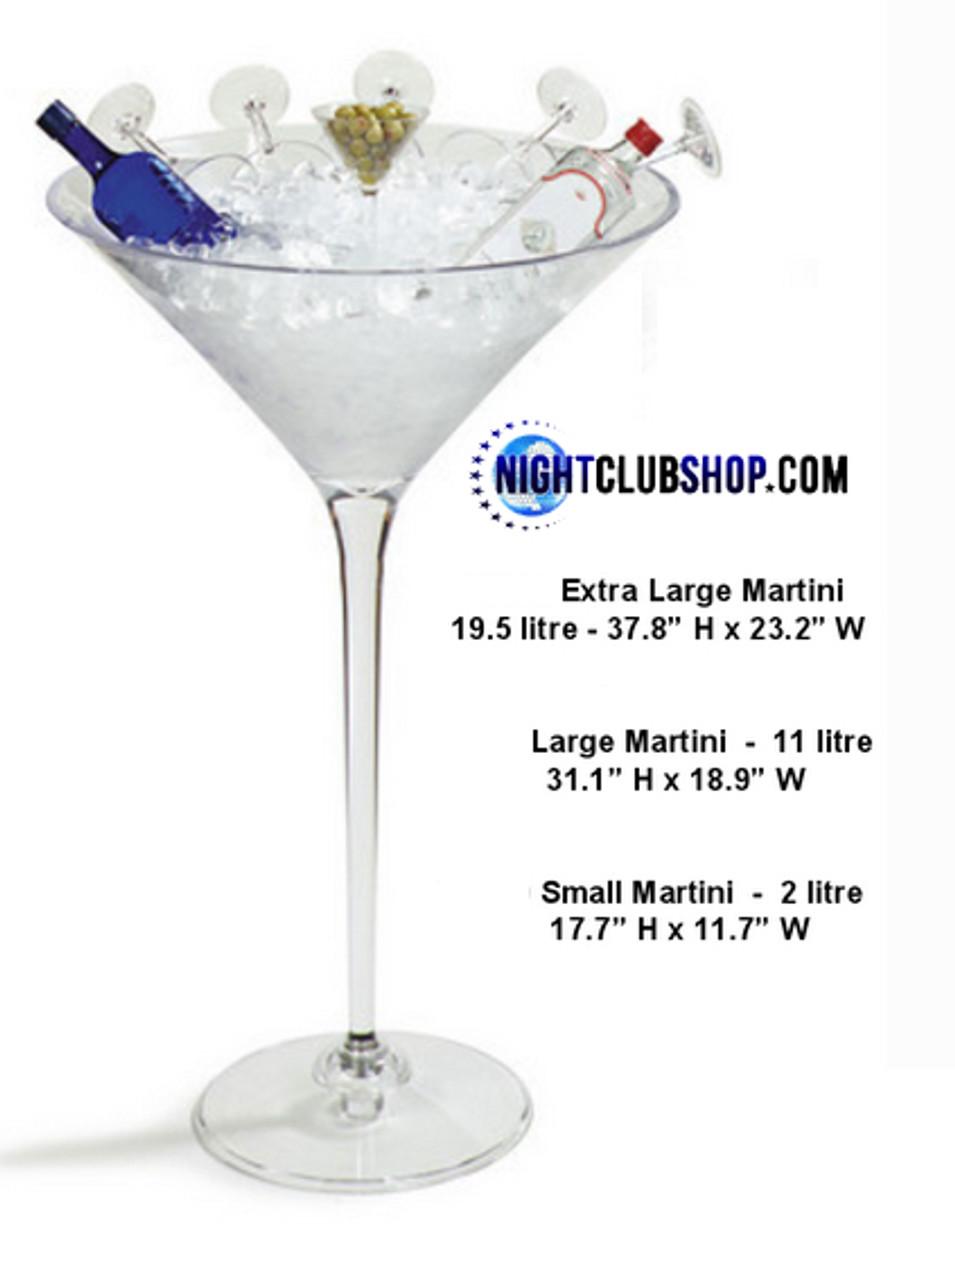 Large, Giant, Jumbo, acrylic, Martini, Glass, Cup, extreme, Big, Bucket